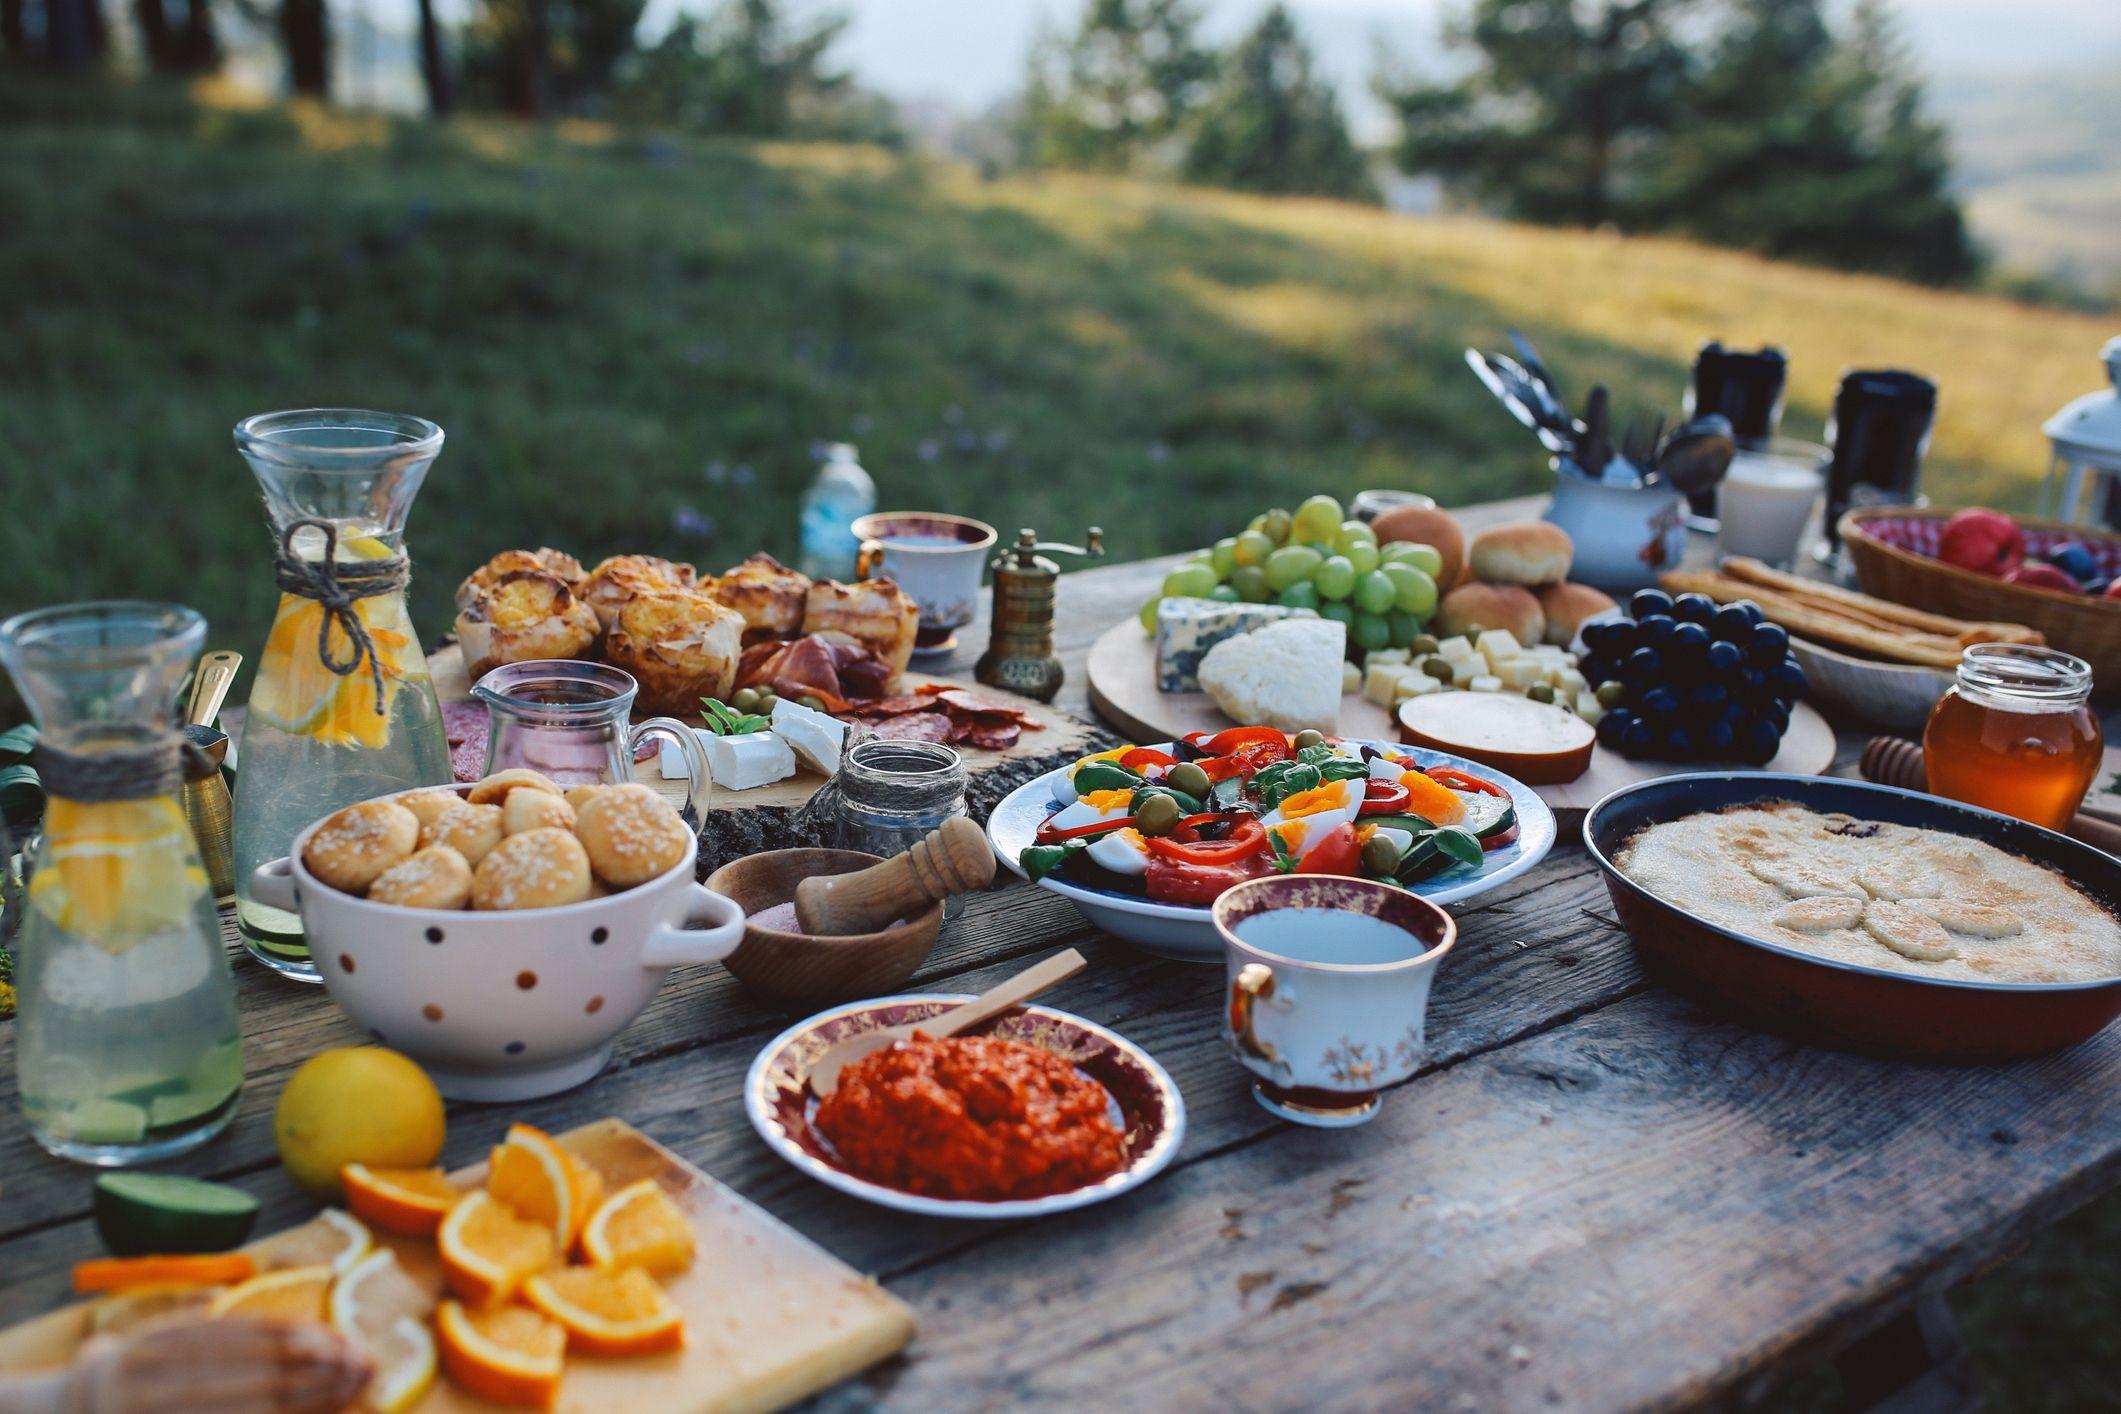 ¿Estamos los españoles cada vez más alejados de la dieta mediterránea?